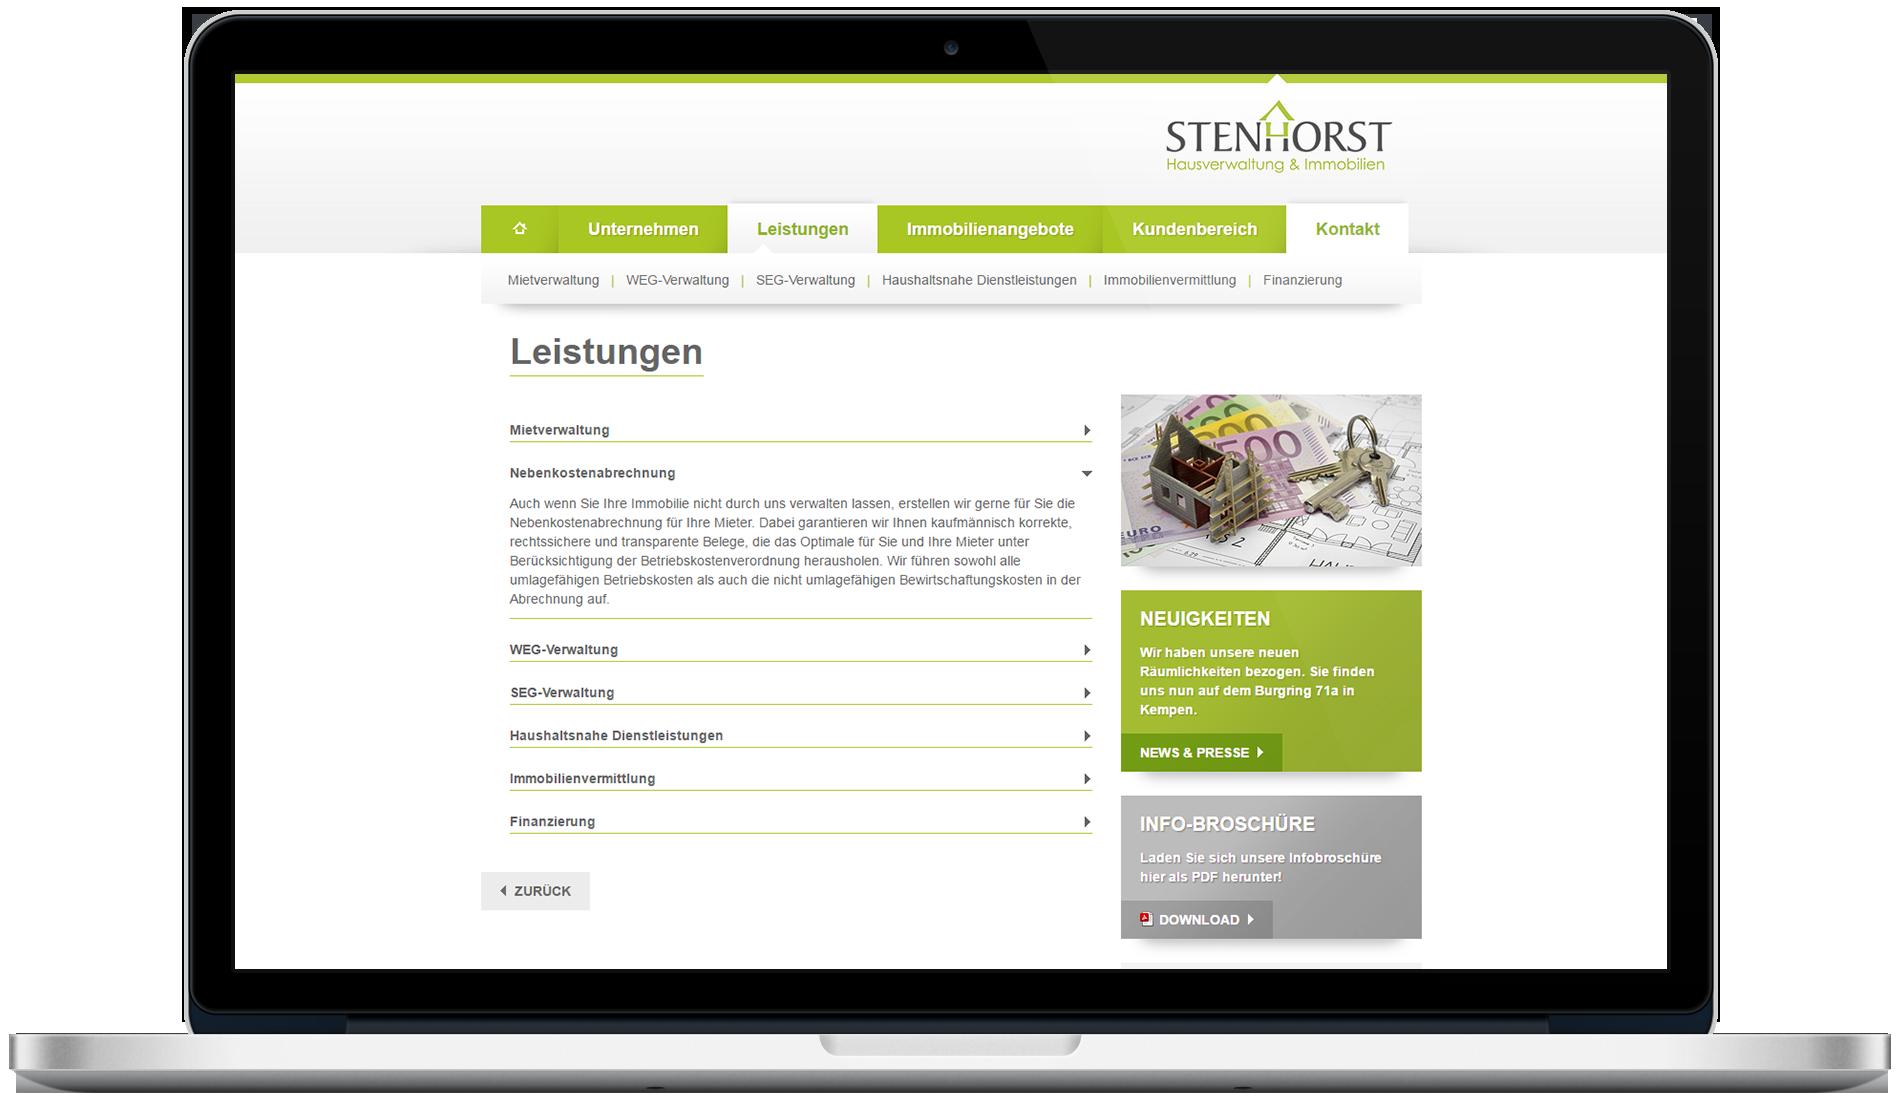 stenhorst-leistungen-macbook